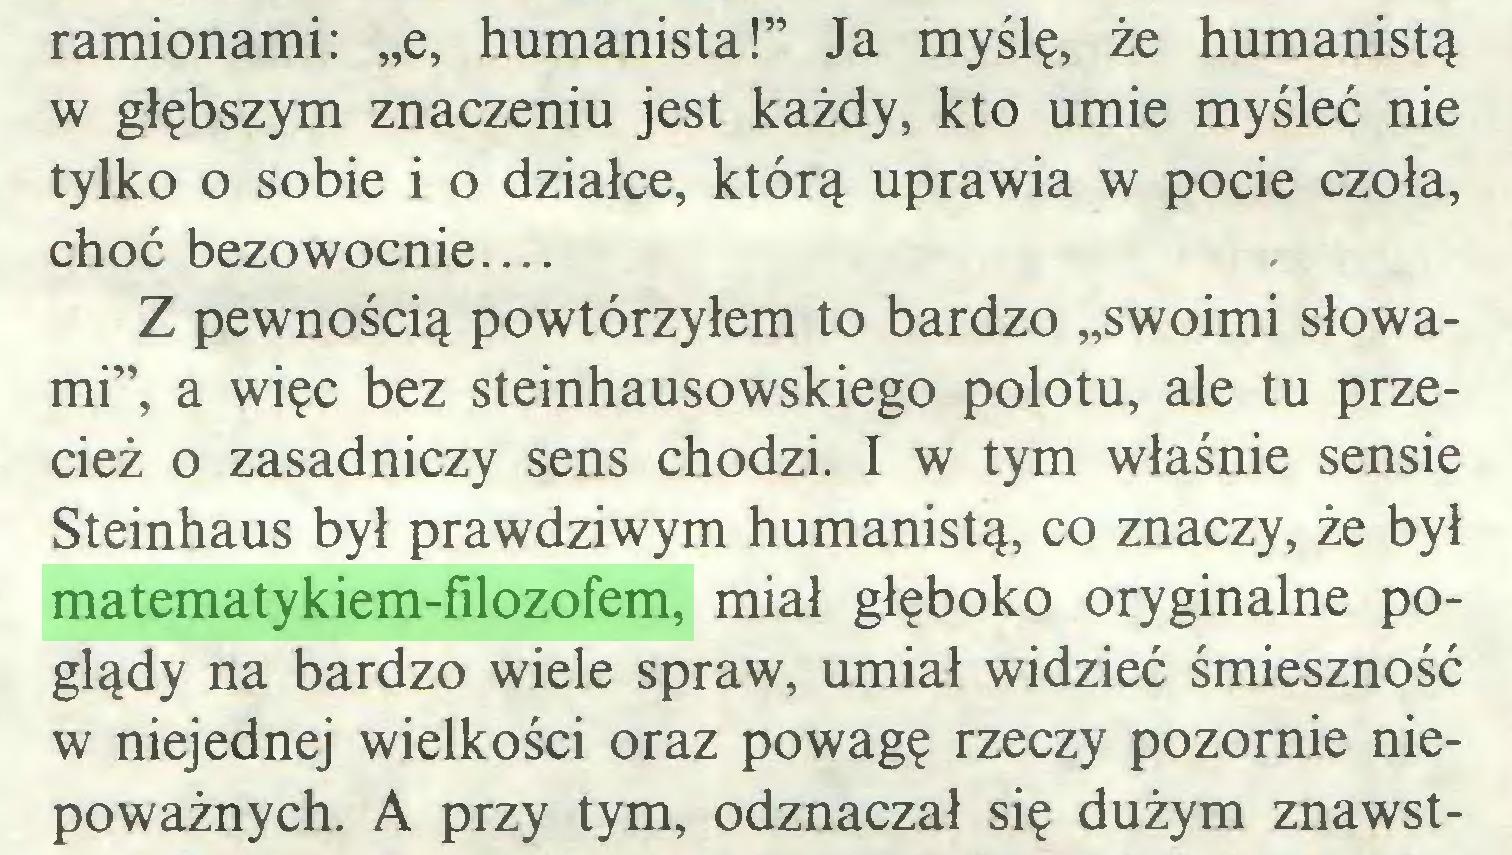 """(...) ramionami: """"e, humanista!"""" Ja myślę, że humanistą w głębszym znaczeniu jest każdy, kto umie myśleć nie tylko o sobie i o działce, którą uprawia w pocie czoła, choć bezowocnie Z pewnością powtórzyłem to bardzo """"swoimi słowami"""", a więc bez steinhausowskiego polotu, ale tu przecież o zasadniczy sens chodzi. I w tym właśnie sensie Steinhaus był prawdziwym humanistą, co znaczy, że był matematykiem-filozofem, miał głęboko oryginalne poglądy na bardzo wiele spraw, umiał widzieć śmieszność w niejednej wielkości oraz powagę rzeczy pozornie niepoważnych. A przy tym, odznaczał się dużym znawst..."""